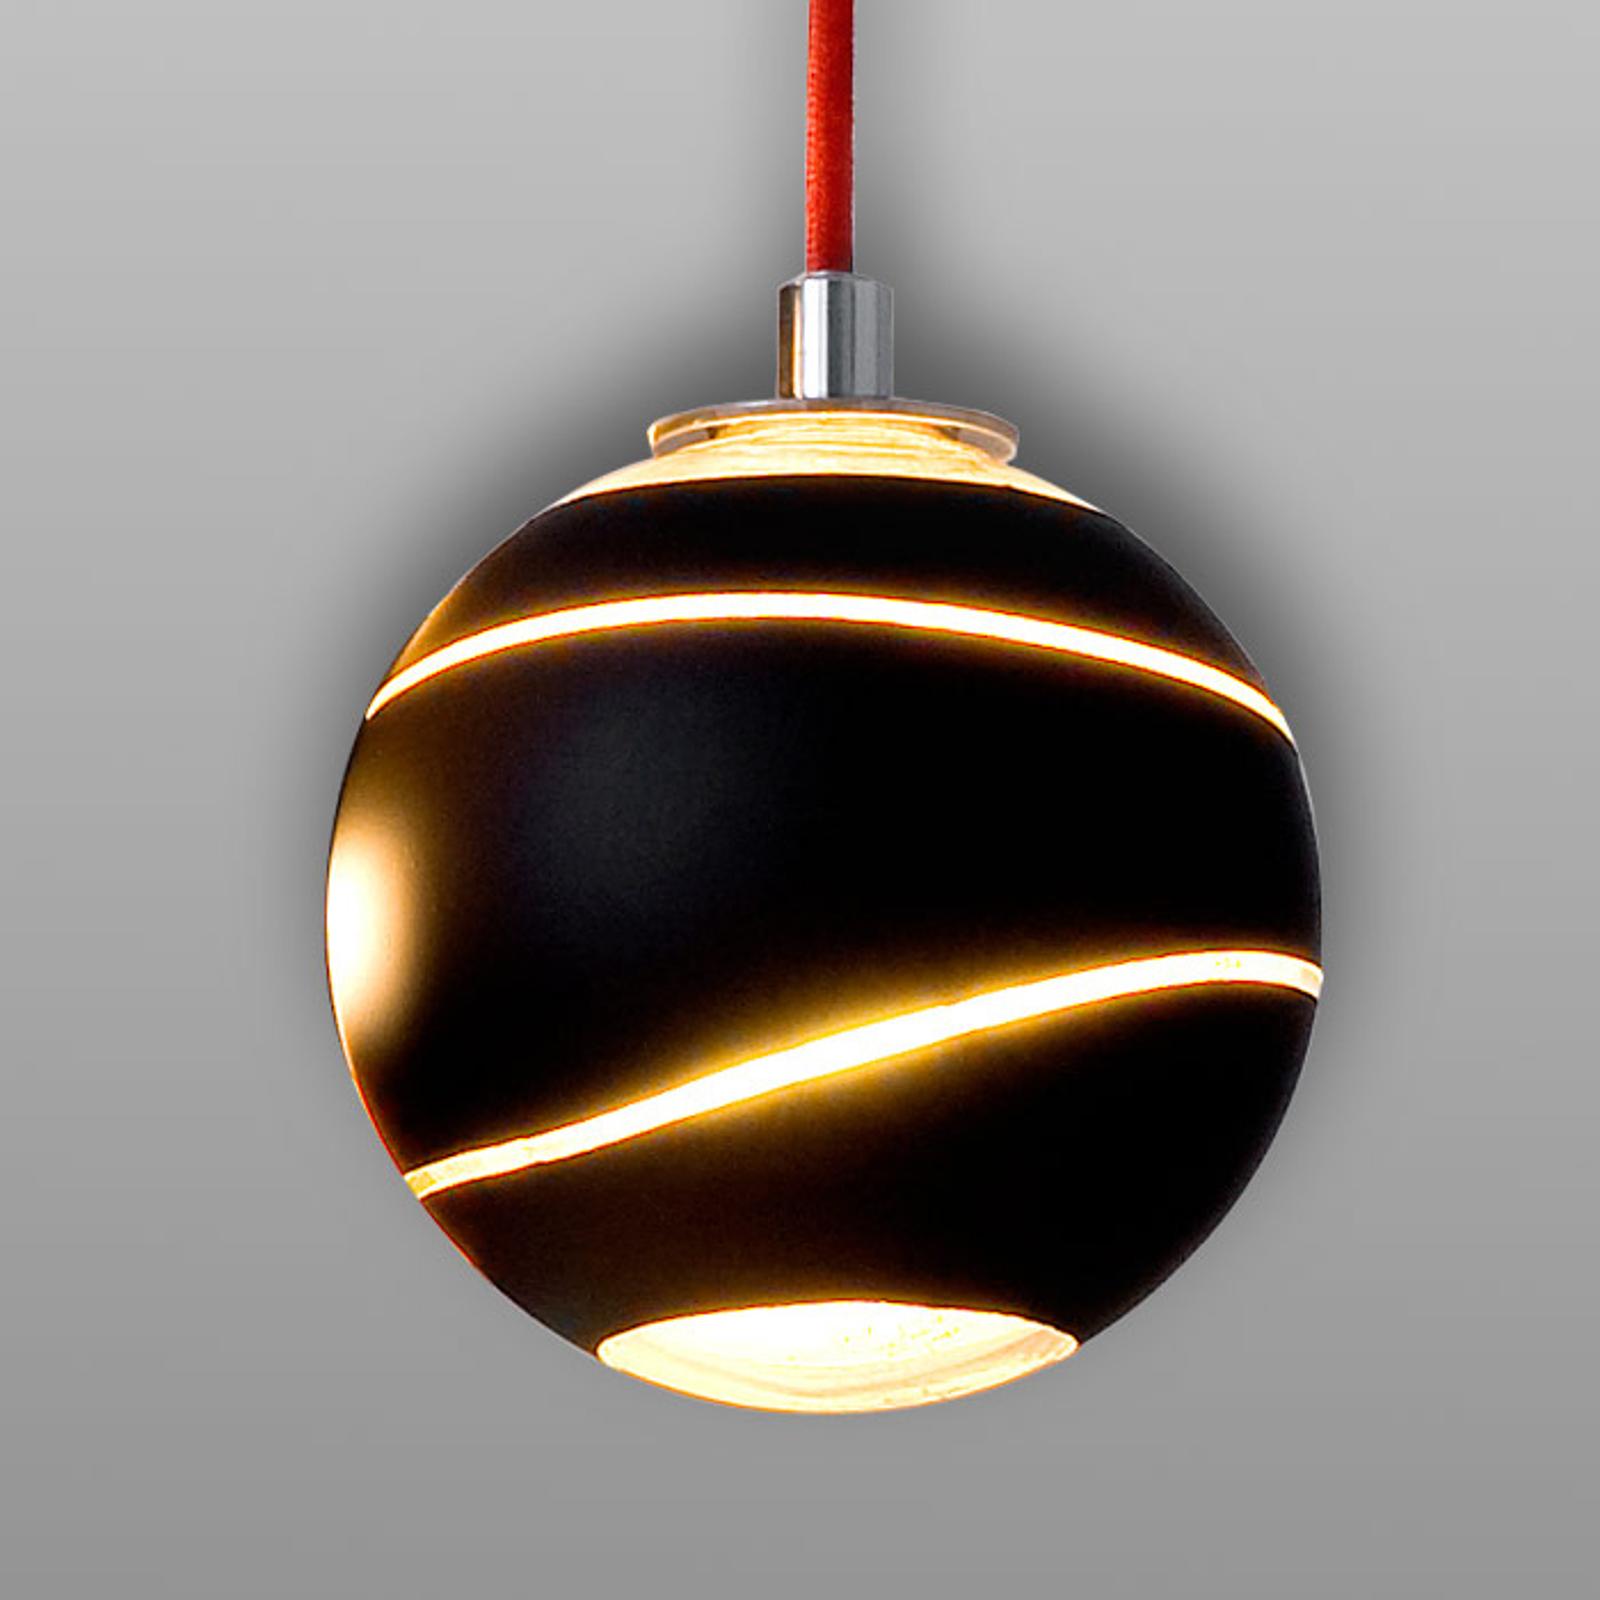 Kleine hanglamp Bond zwart 12 cm